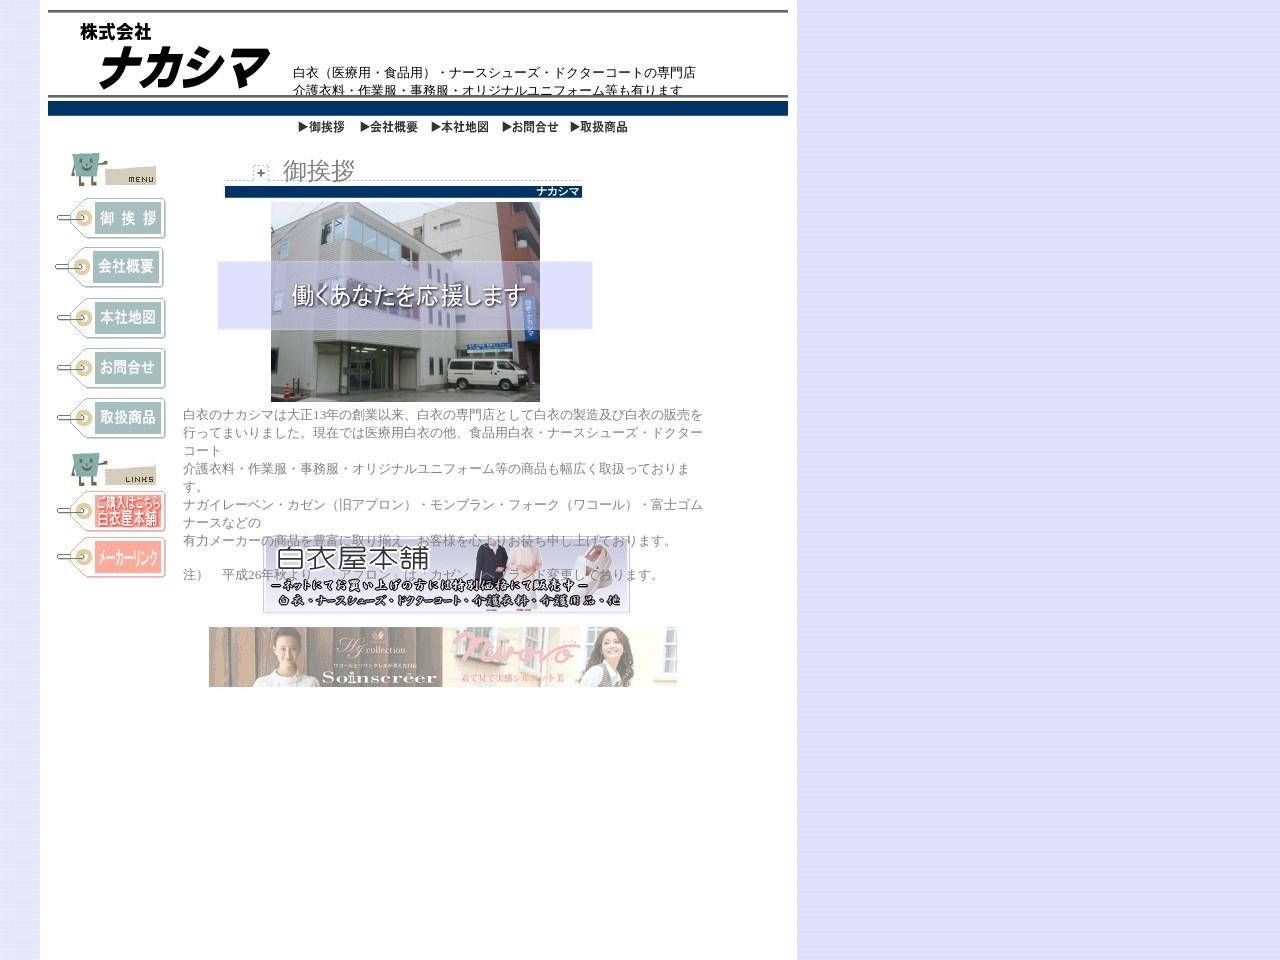 株式会社ナカシマ